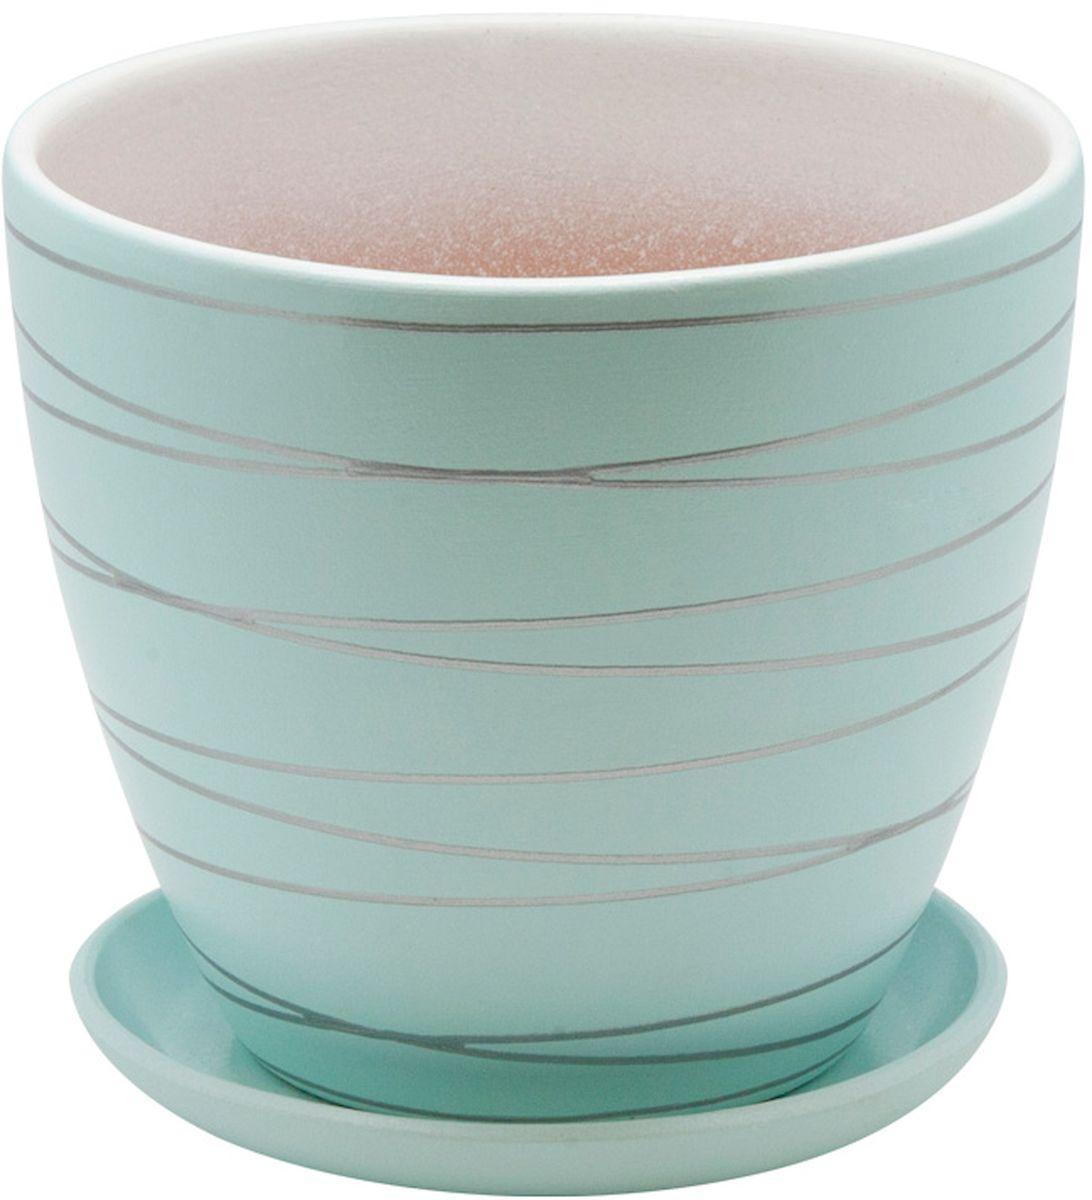 Горшок цветочный Engard, с поддоном, цвет: голубой, 4,7 л531-105Керамический горшок - это идеальное решение для выращивания комнатных растений и создания изысканности в интерьере. Керамический горшок сделан из высококачественной глины в классической форме и оригинальном дизайне.